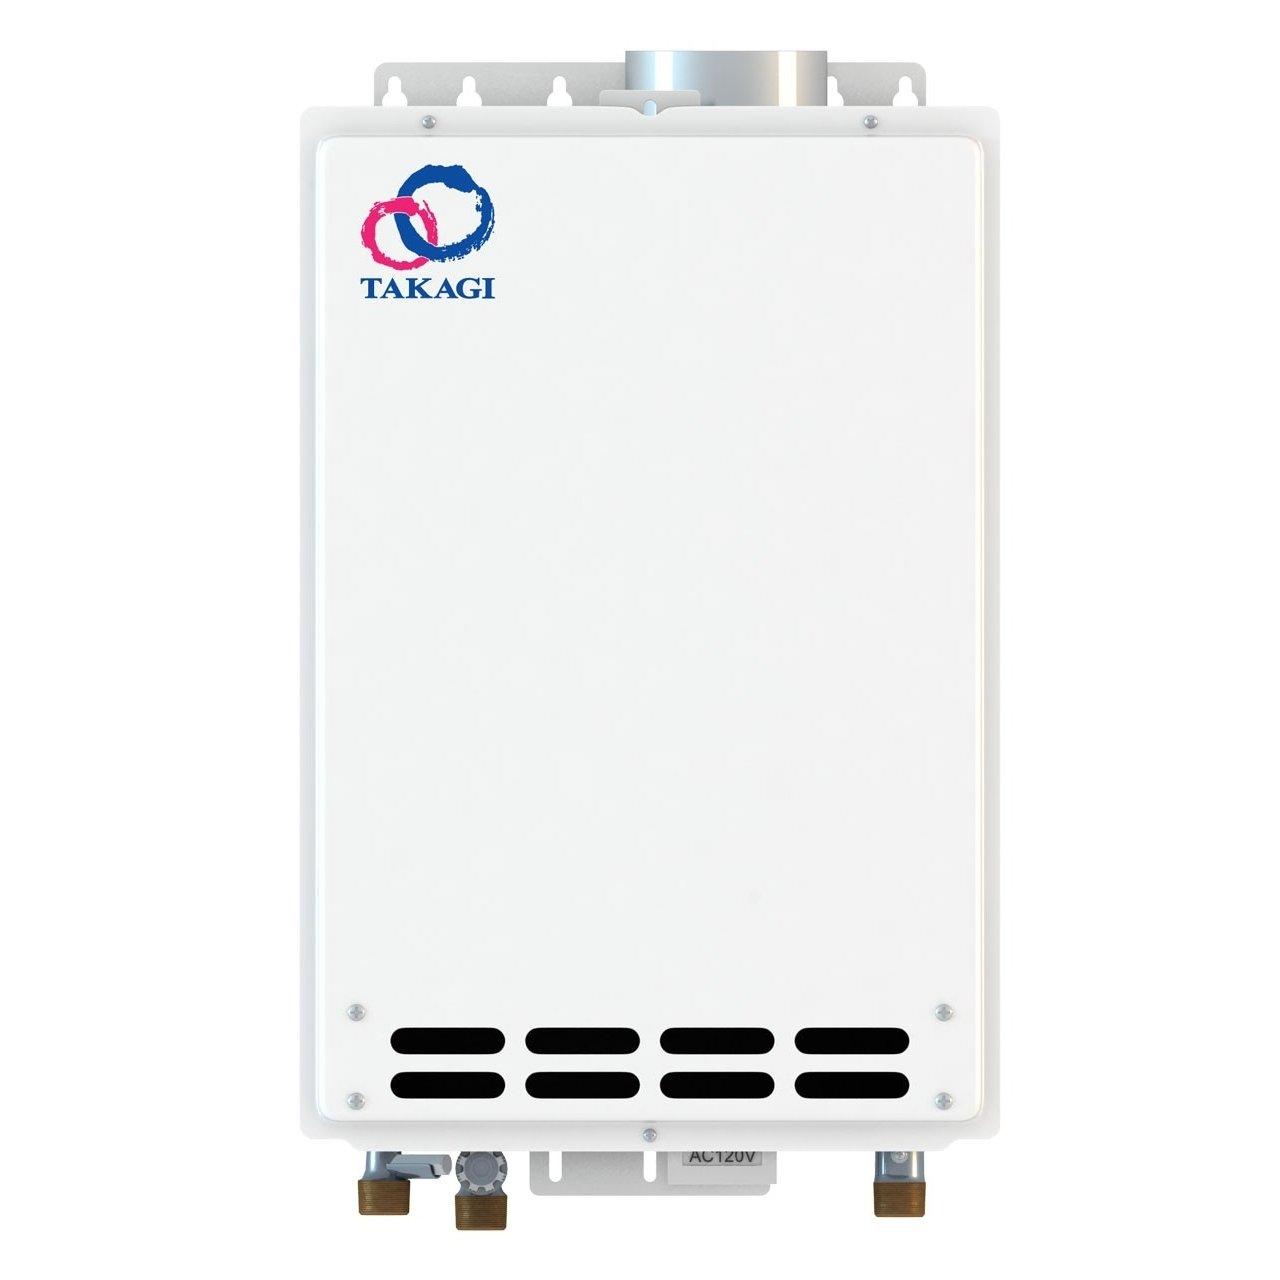 Takagi T-KJr2-IN-LP Indoor Tankless Water Heater, Propane